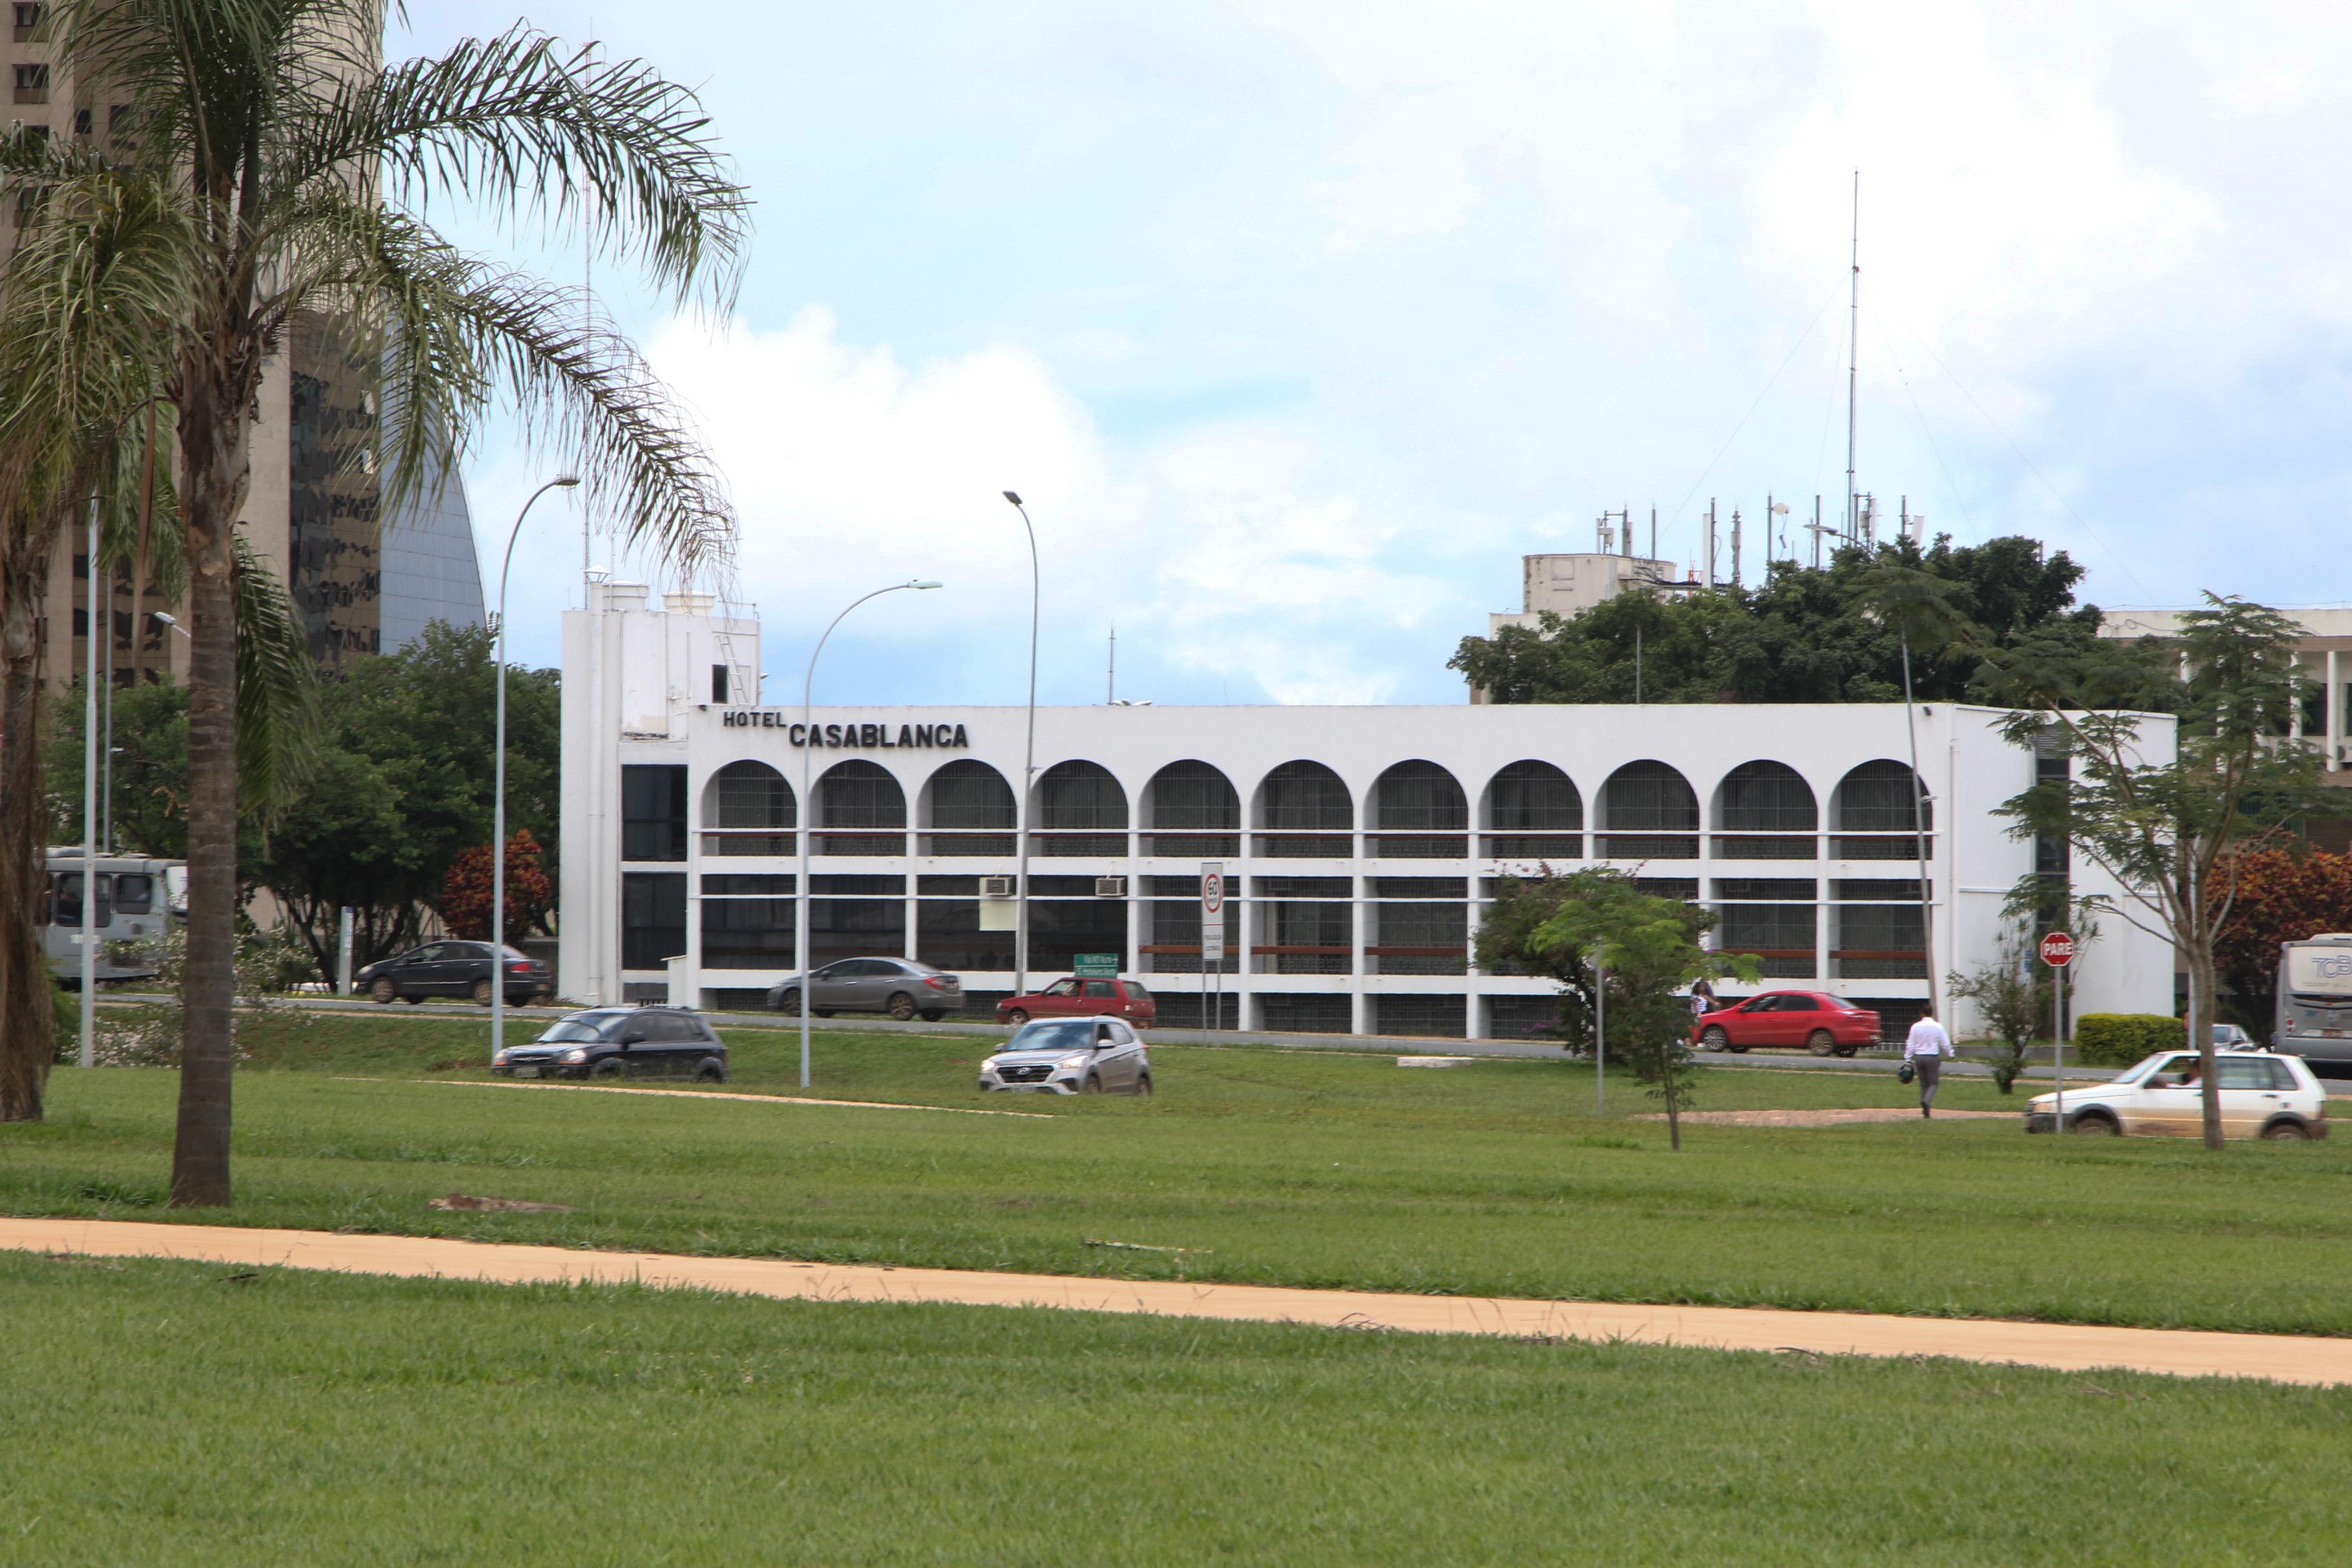 Hotel Casablanca-165